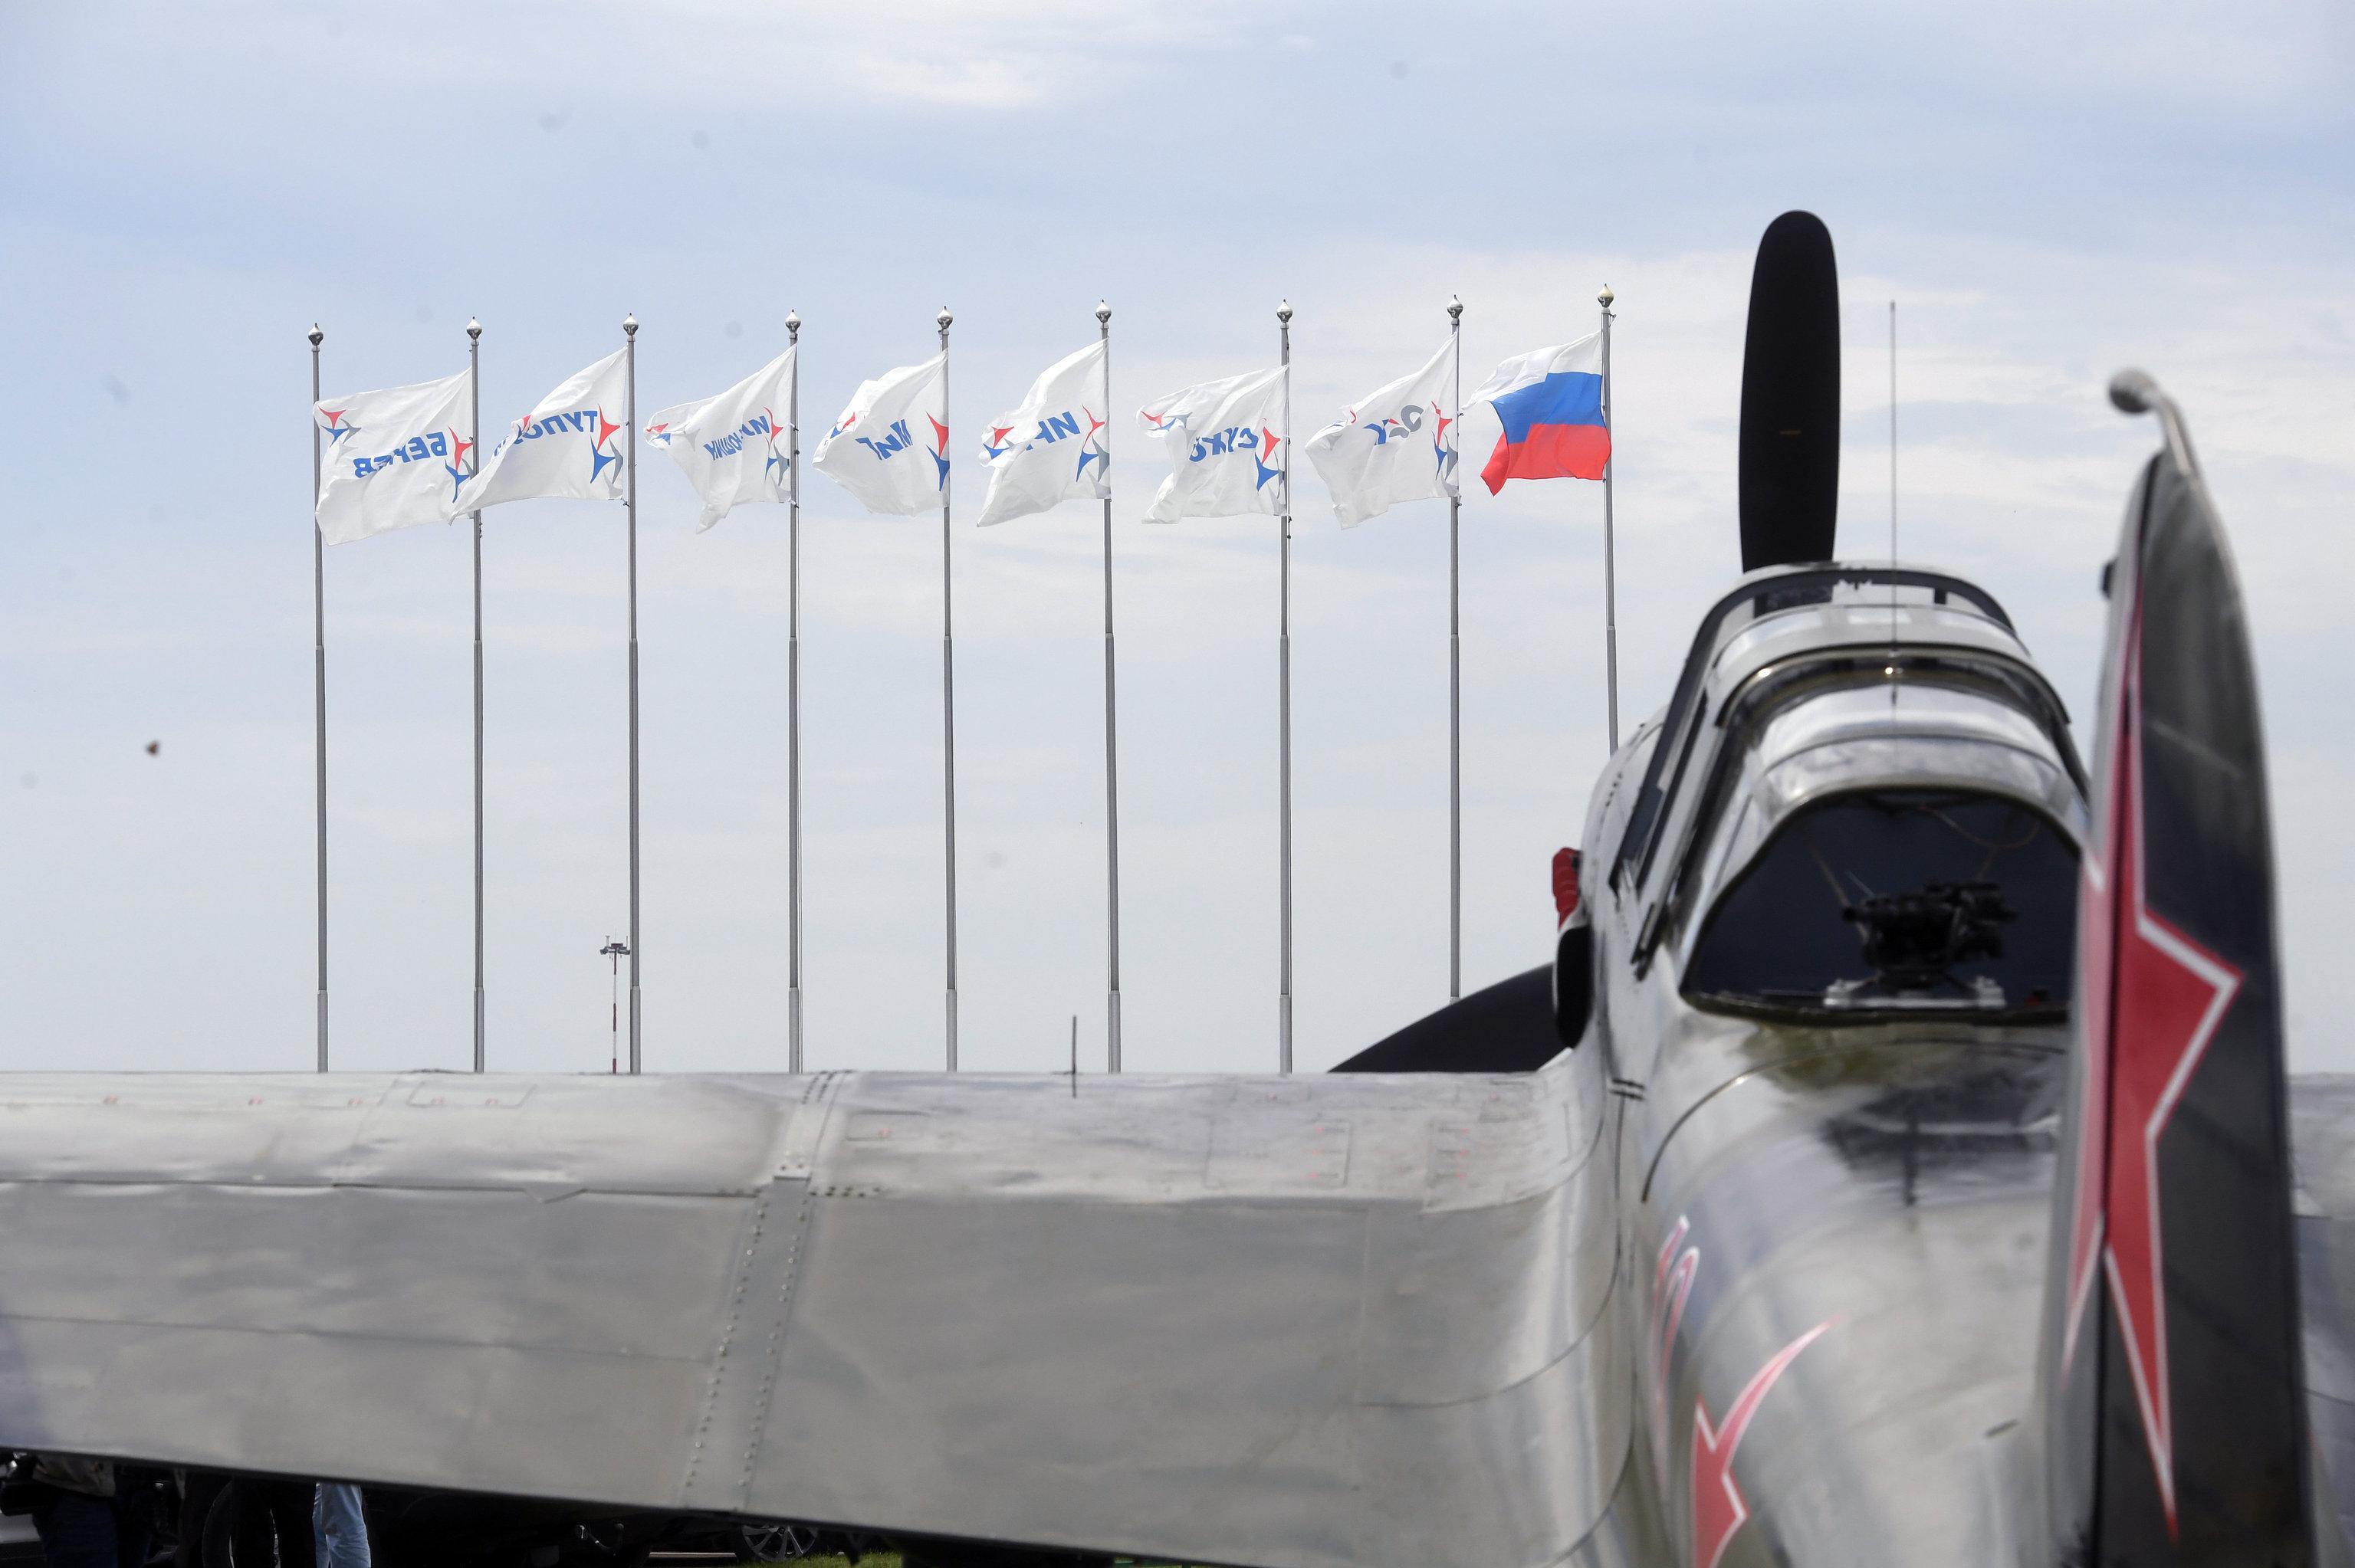 Самолет ИЛ-2 (1942 г.) на полигоне во время подготовки к открытию Международного авиационно-космического салона МАКС-2017 в Жуковском